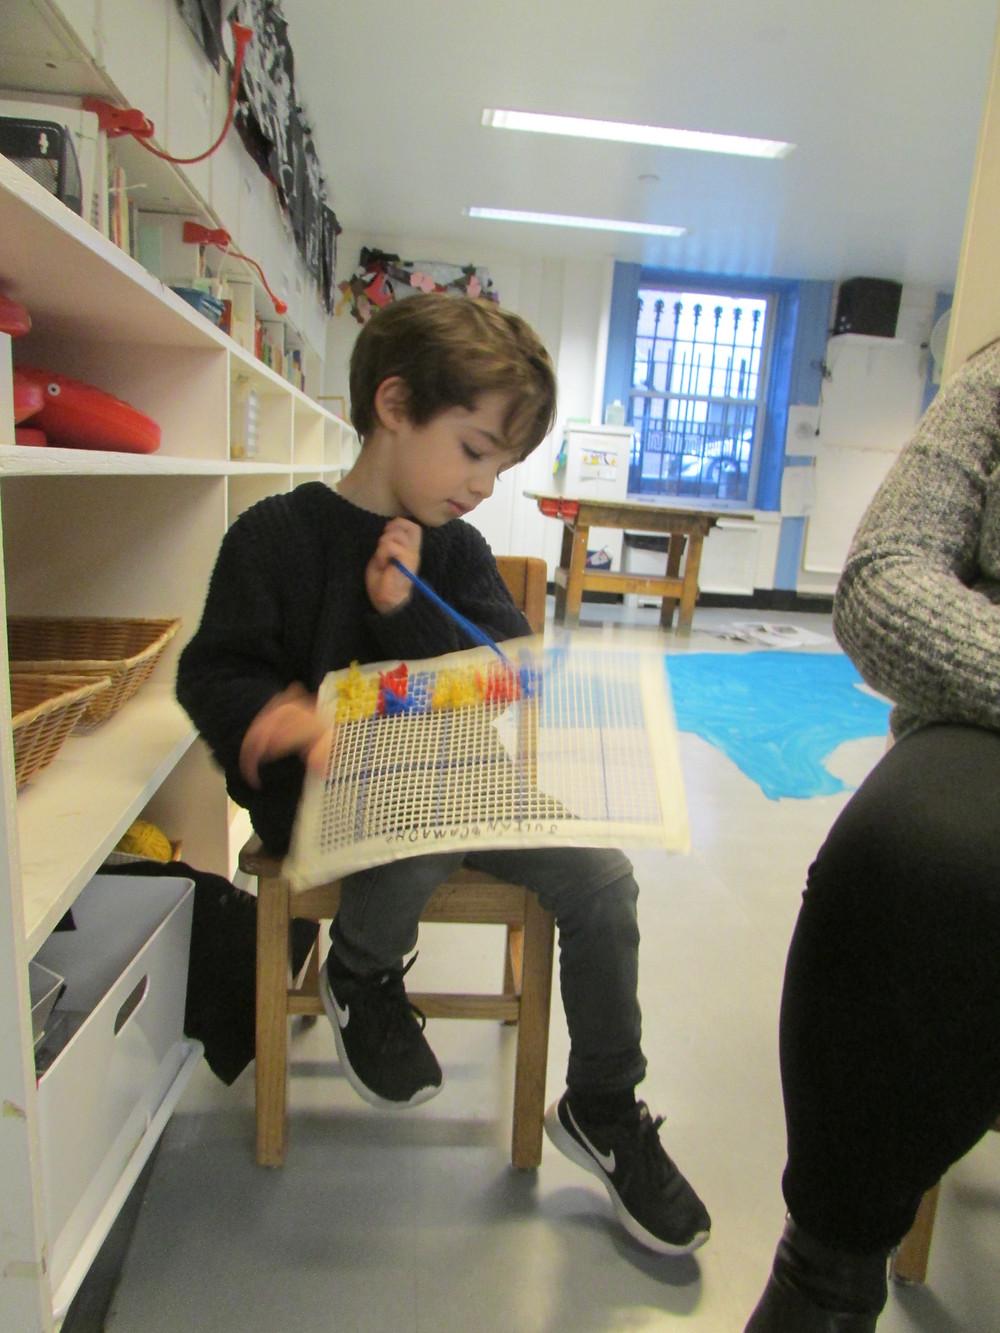 Julian Camacho sewing in class